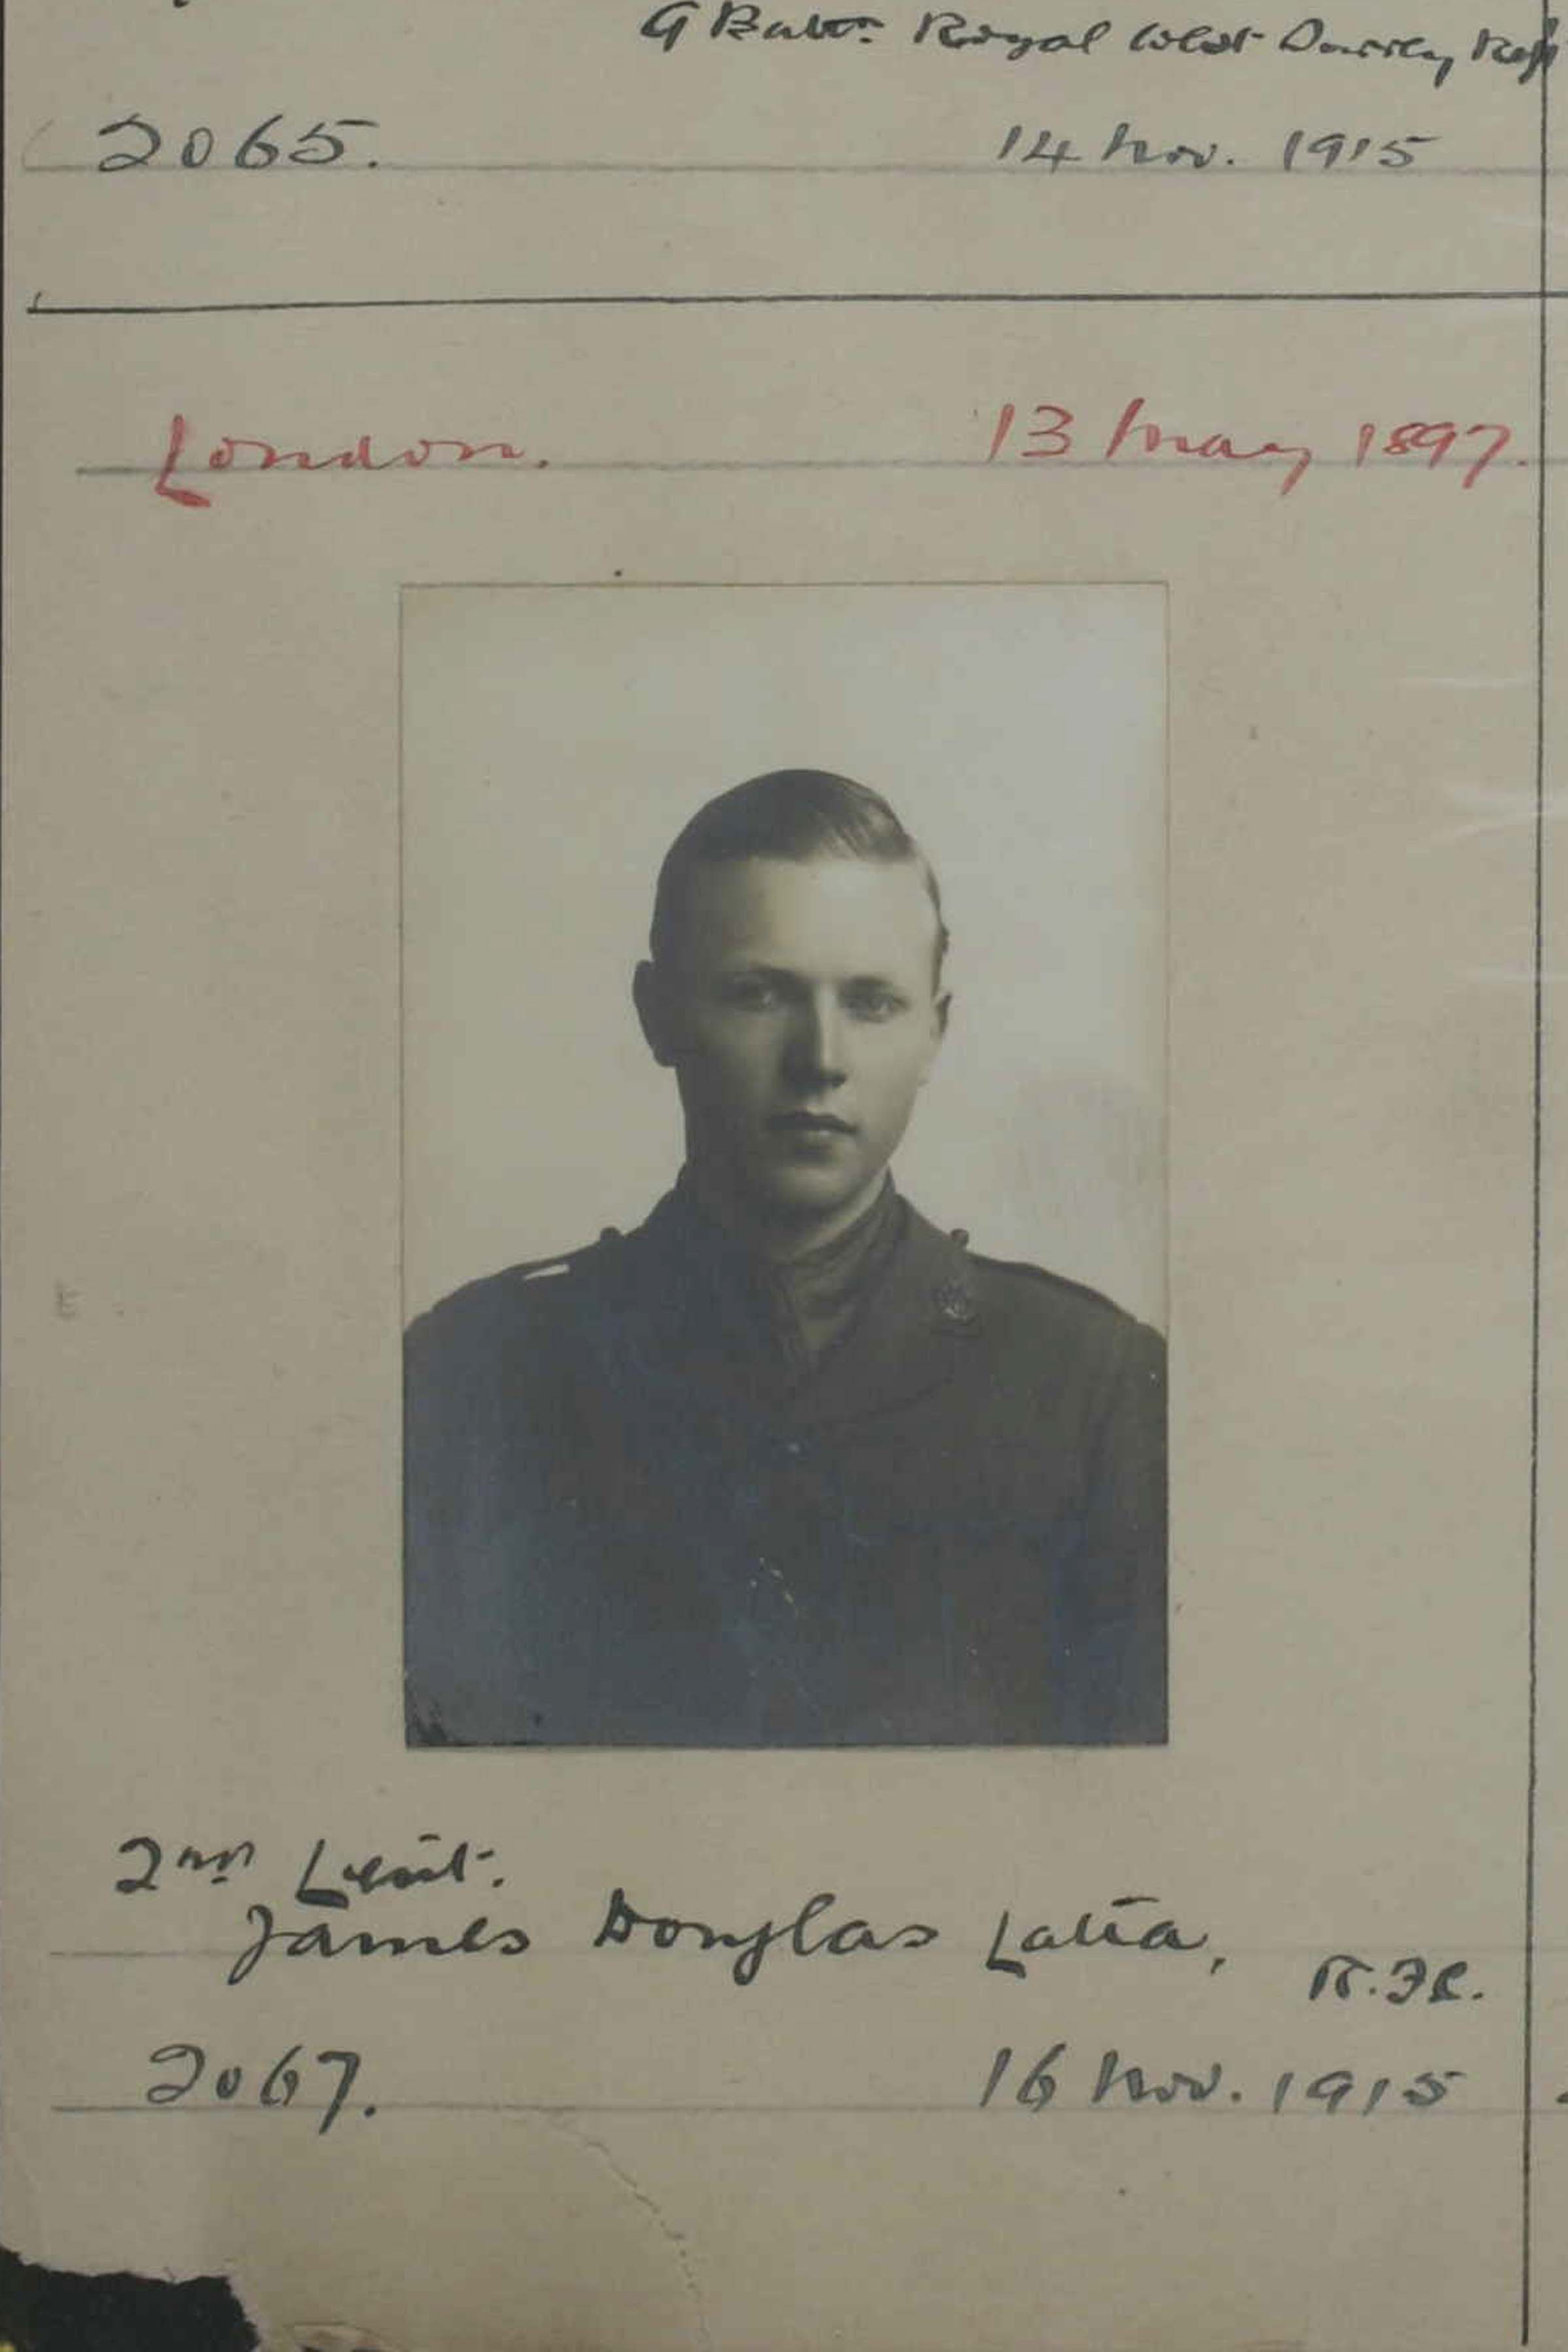 Latta, James Douglas, 1915